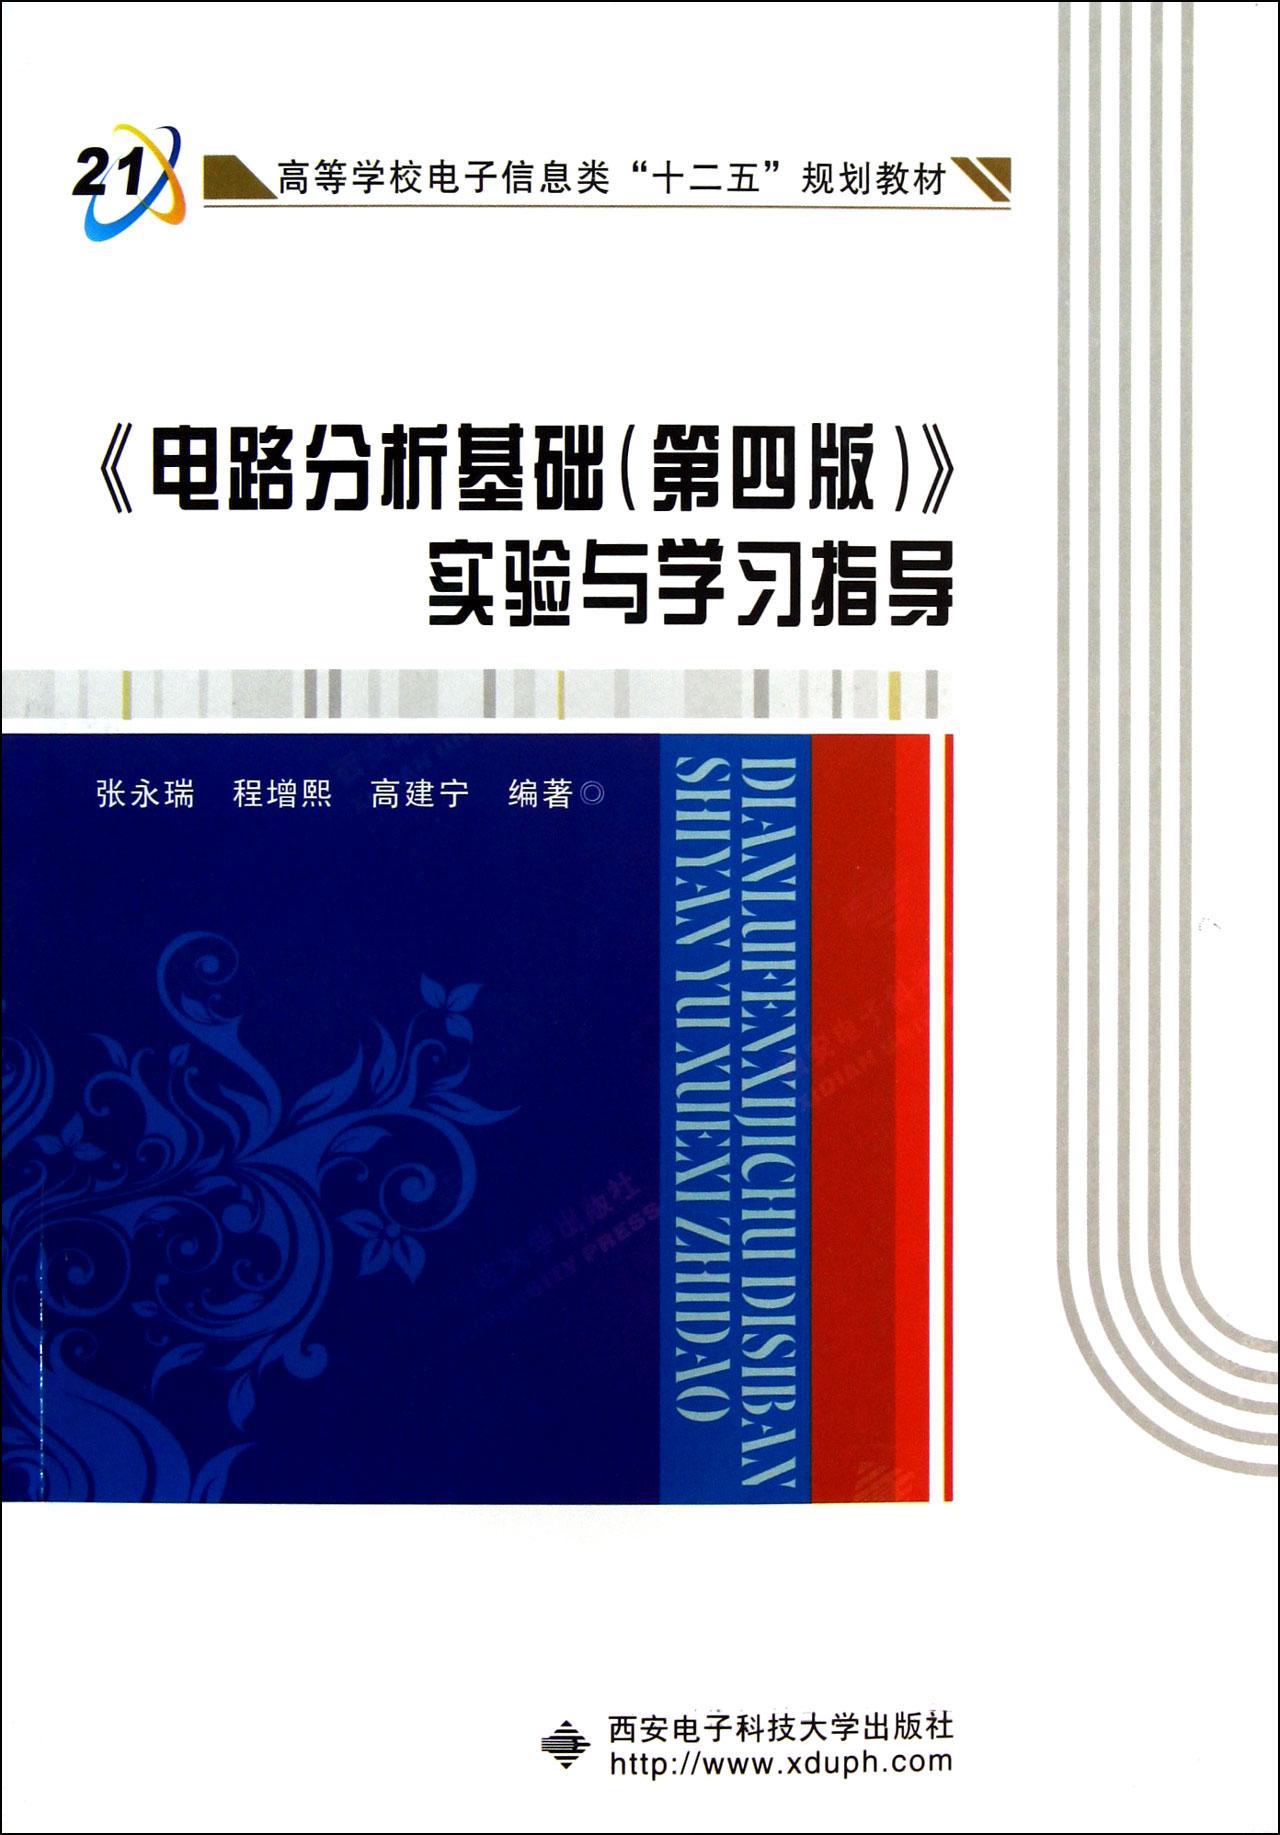 电路分析基础第4版实验与学习指导高等学校电子信息类十二五规划教材